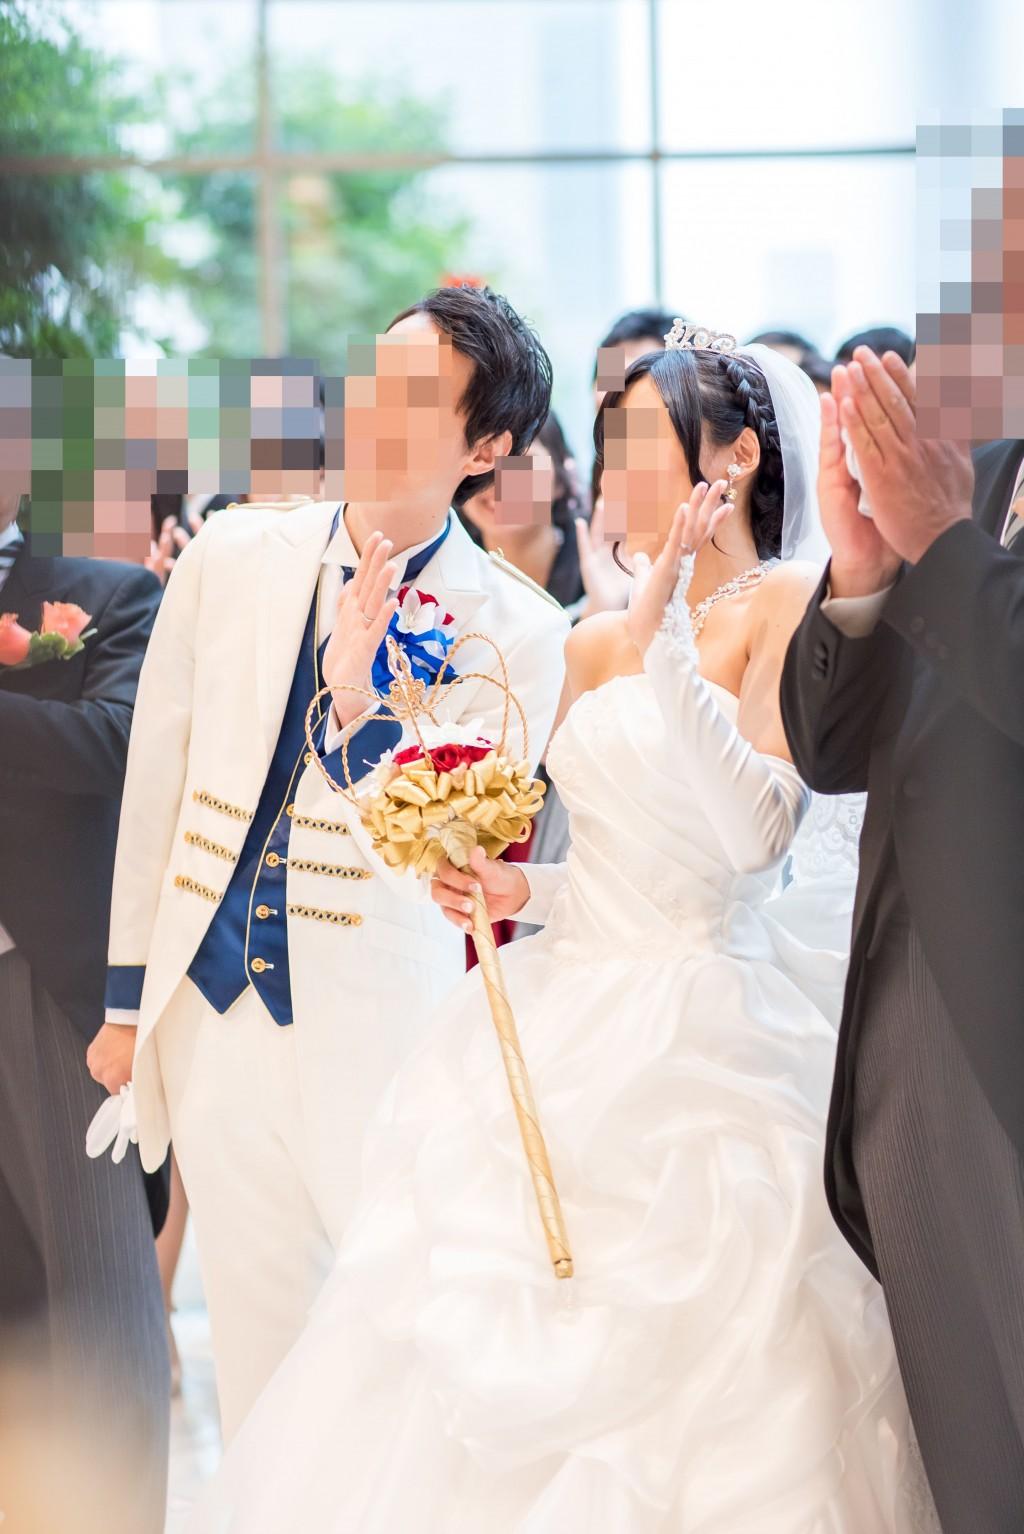 アニヴェルセルみなとみらい横浜 結婚式レポブログ アフターセレモニーでの全員集合写真撮影、新郎新婦当日写真撮影